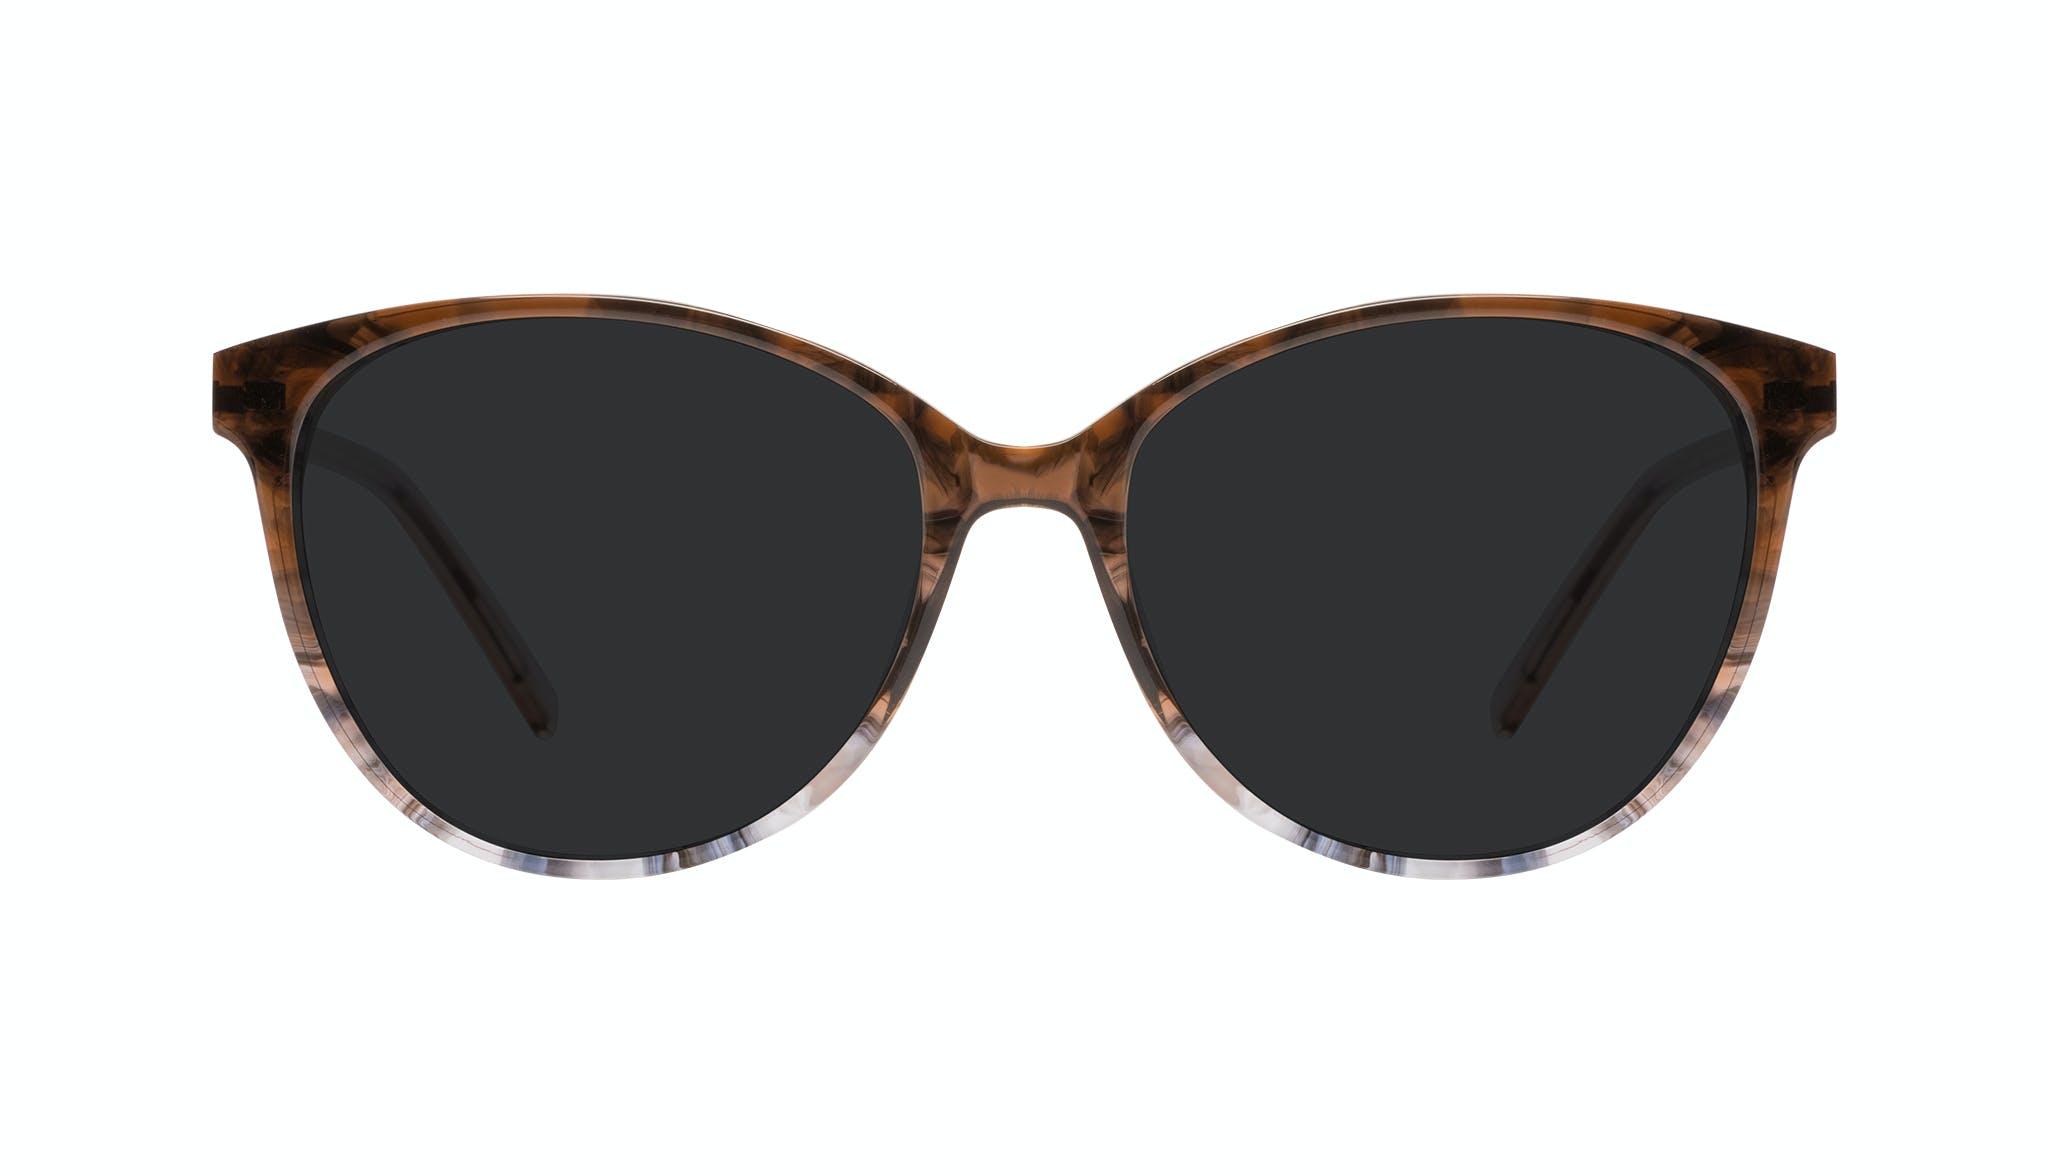 Affordable Fashion Glasses Cat Eye Sunglasses Women Imagine II Plus Moondust